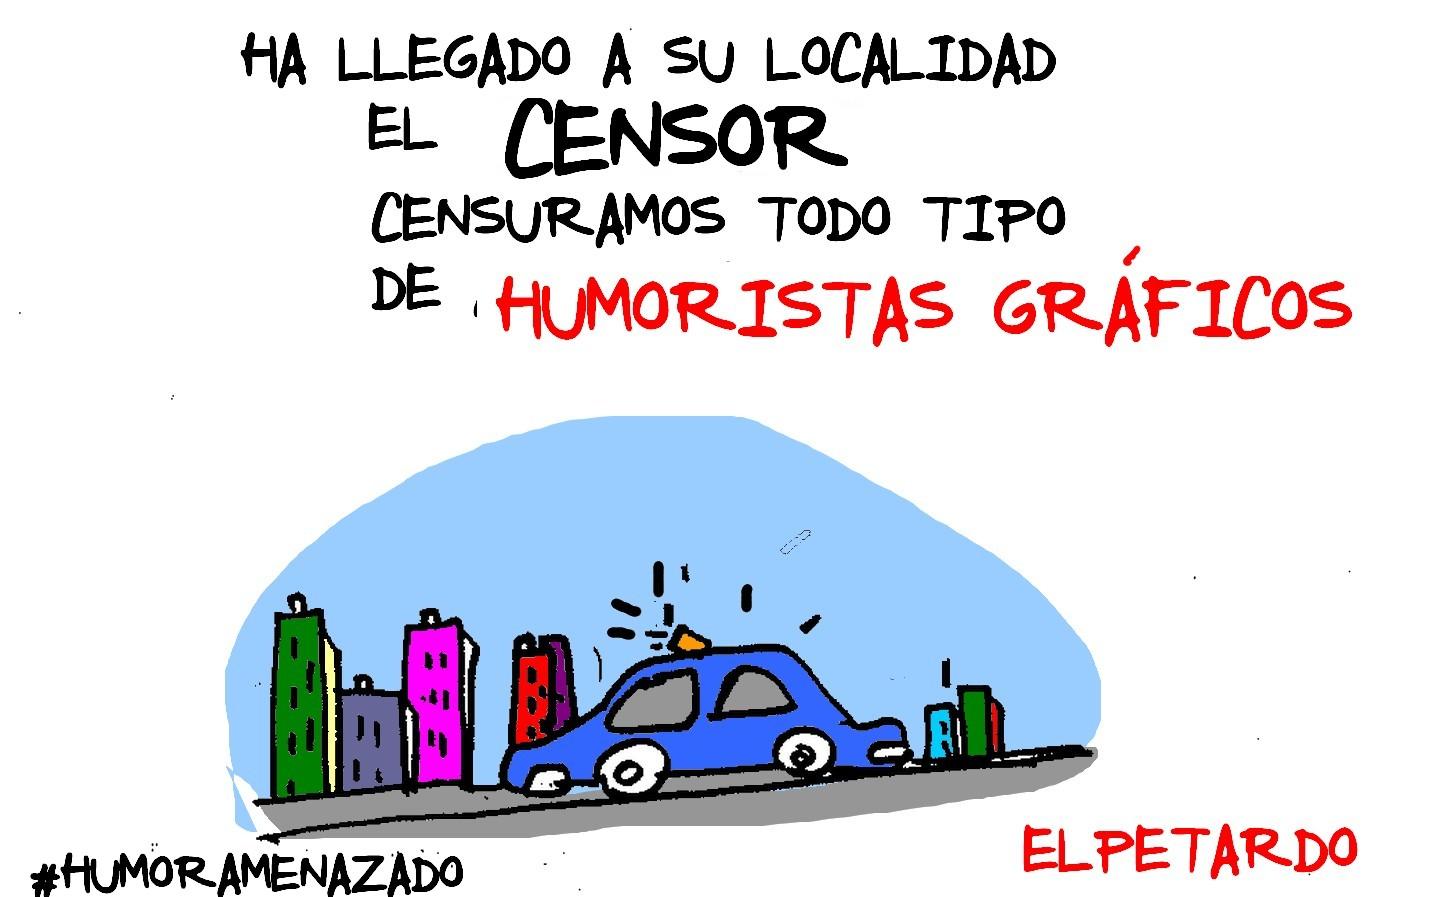 HA-El Petardo2